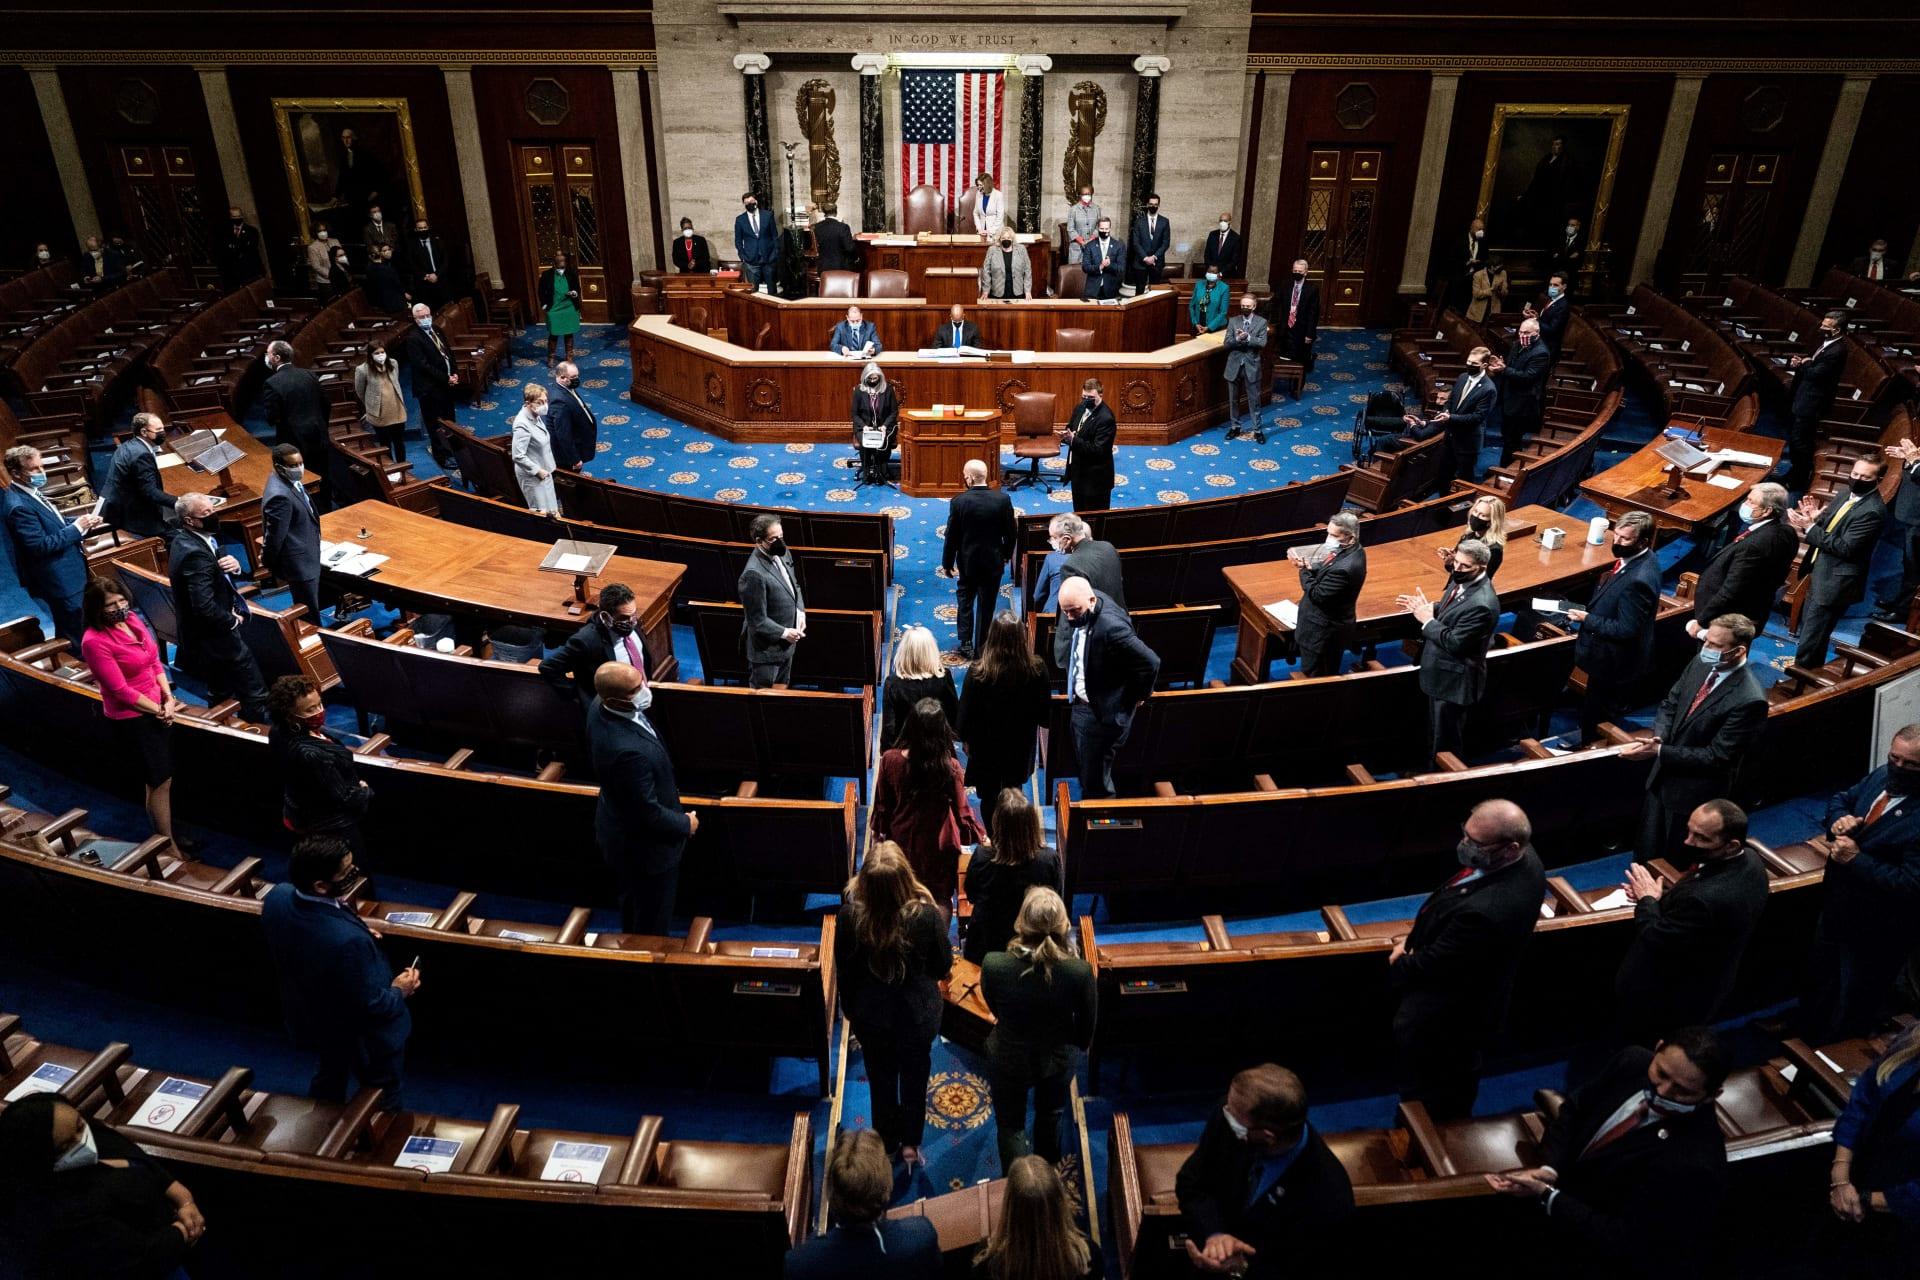 صورة ارشيفية لجلسة في الكونغرس الأمريكي